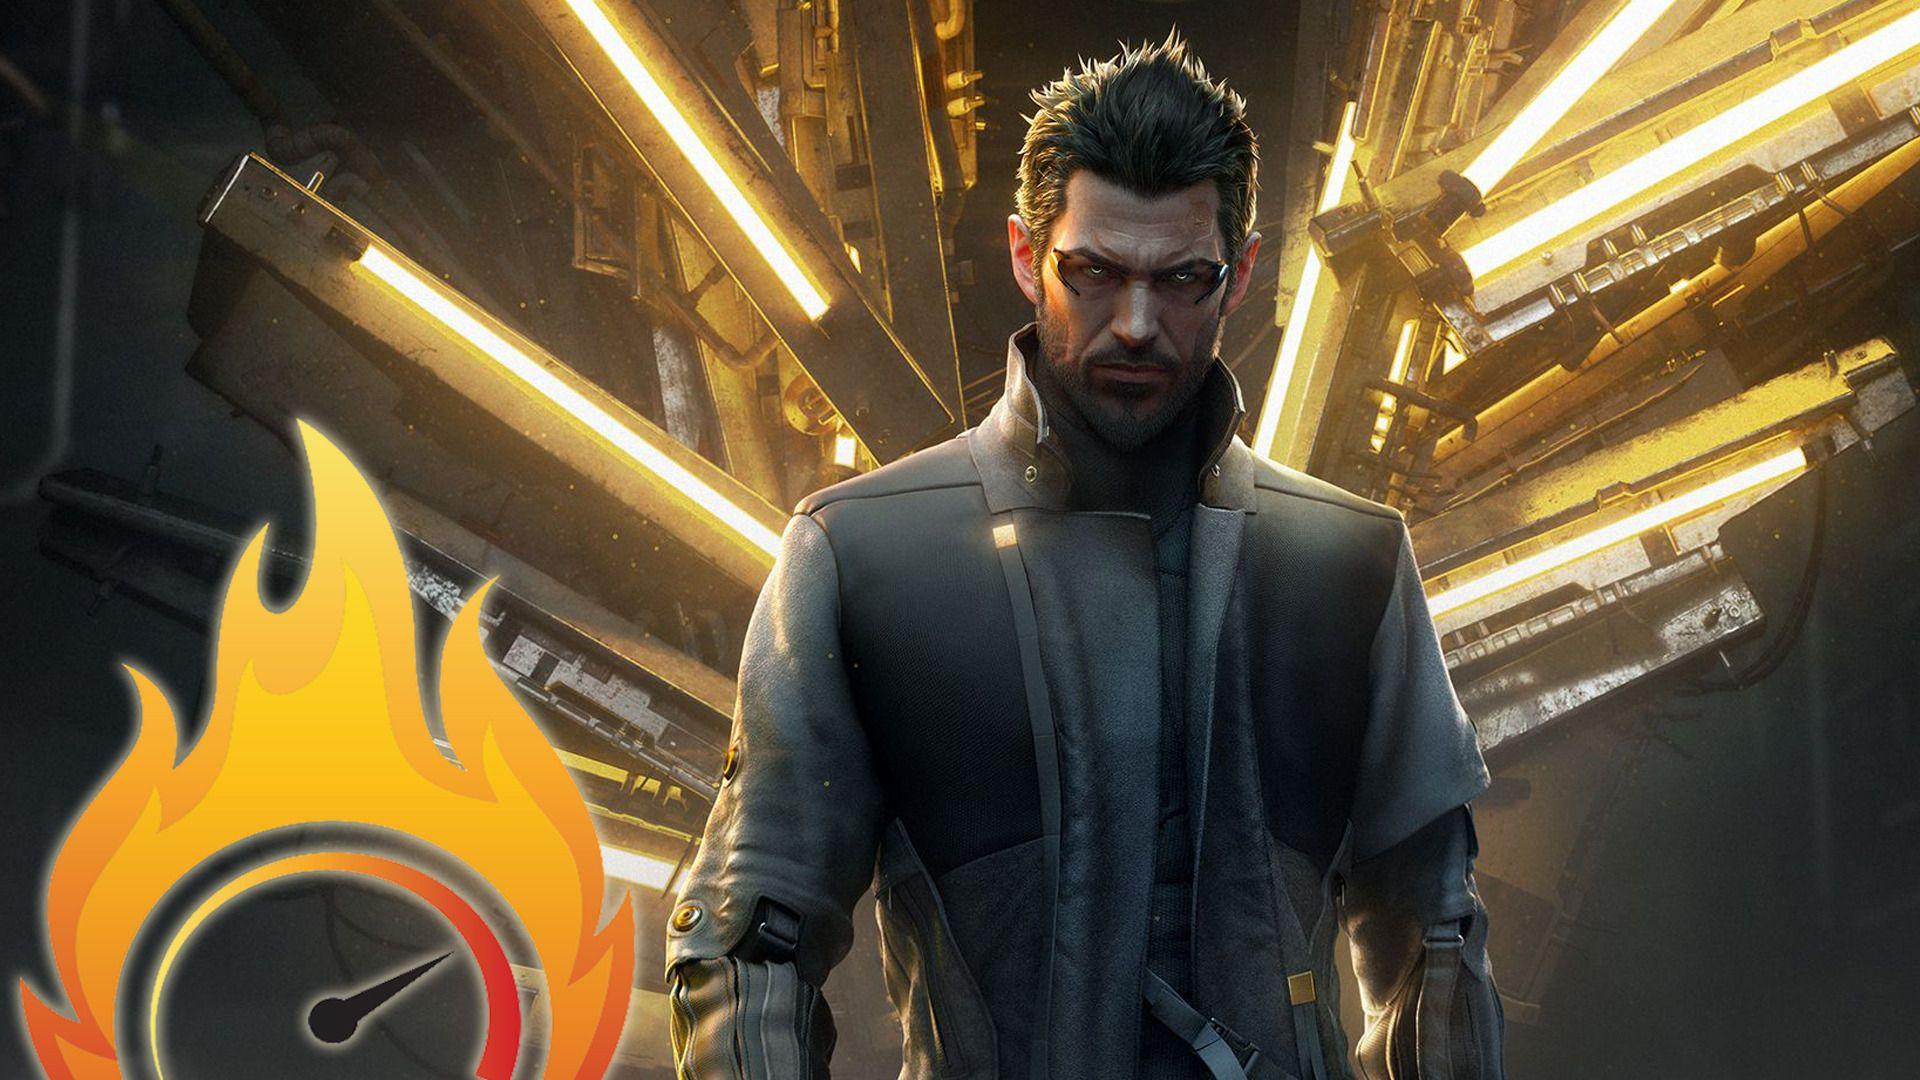 Ytelsestest av Deus Ex: Mankind Divided